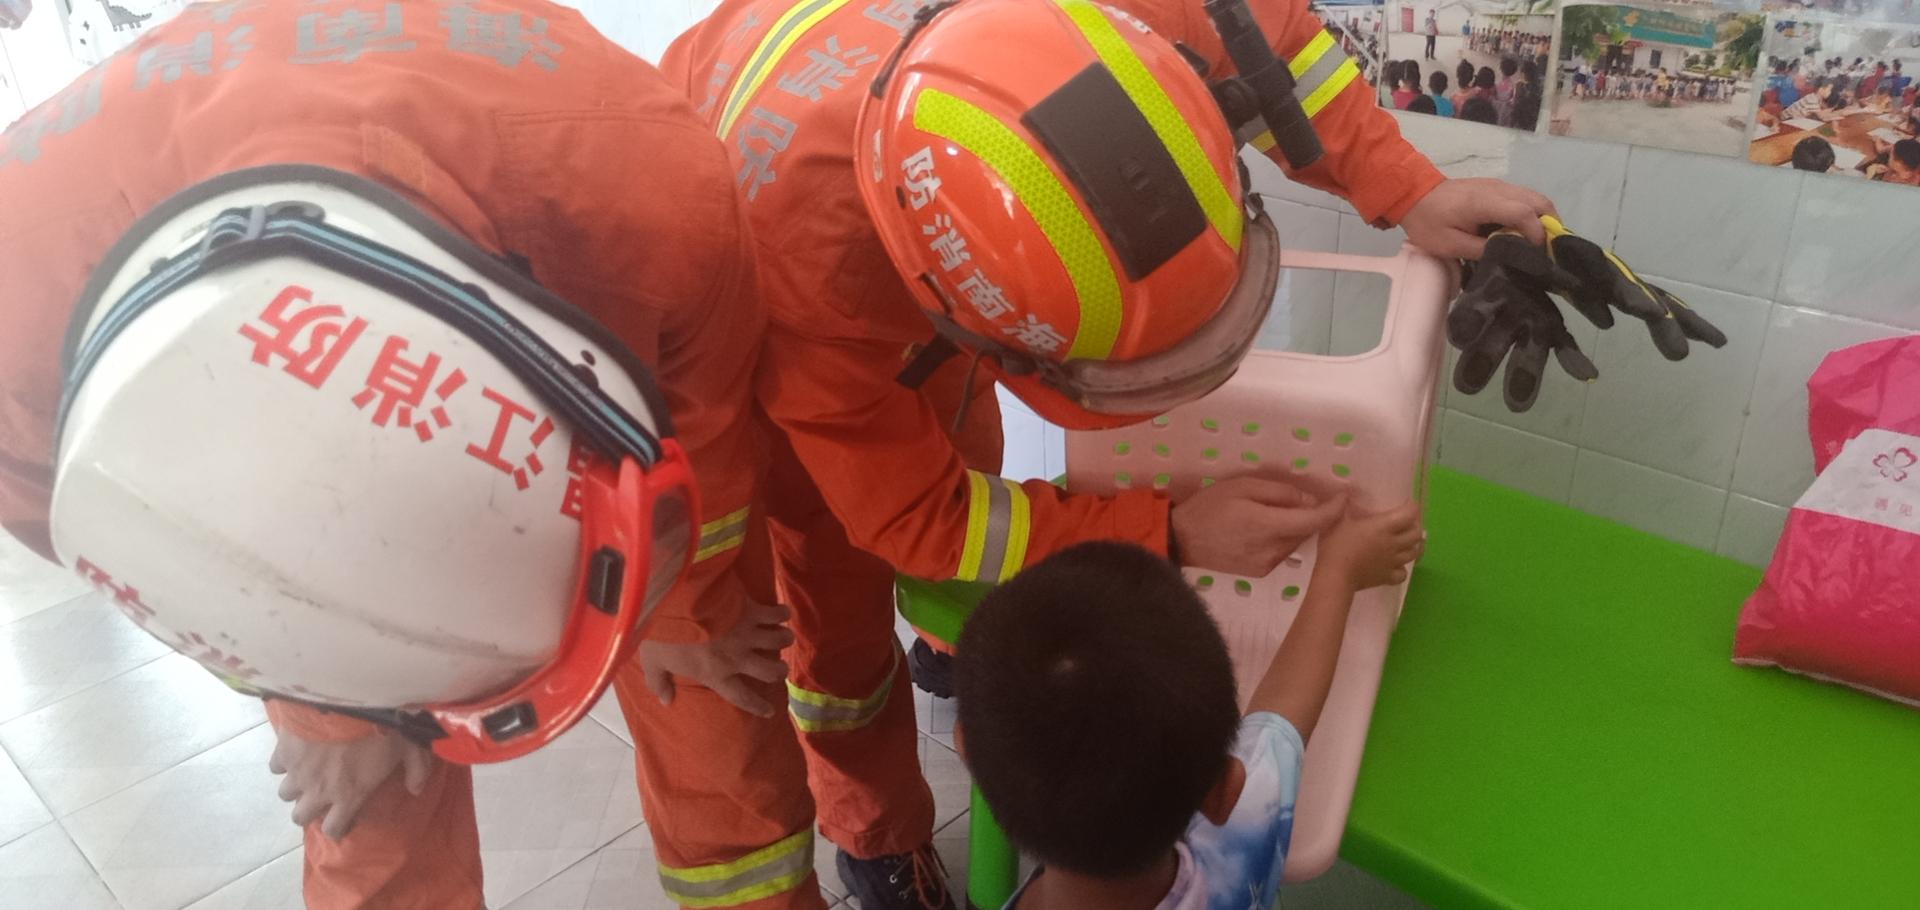 开学第一天熊孩子手指被卡 昌江消防员解围